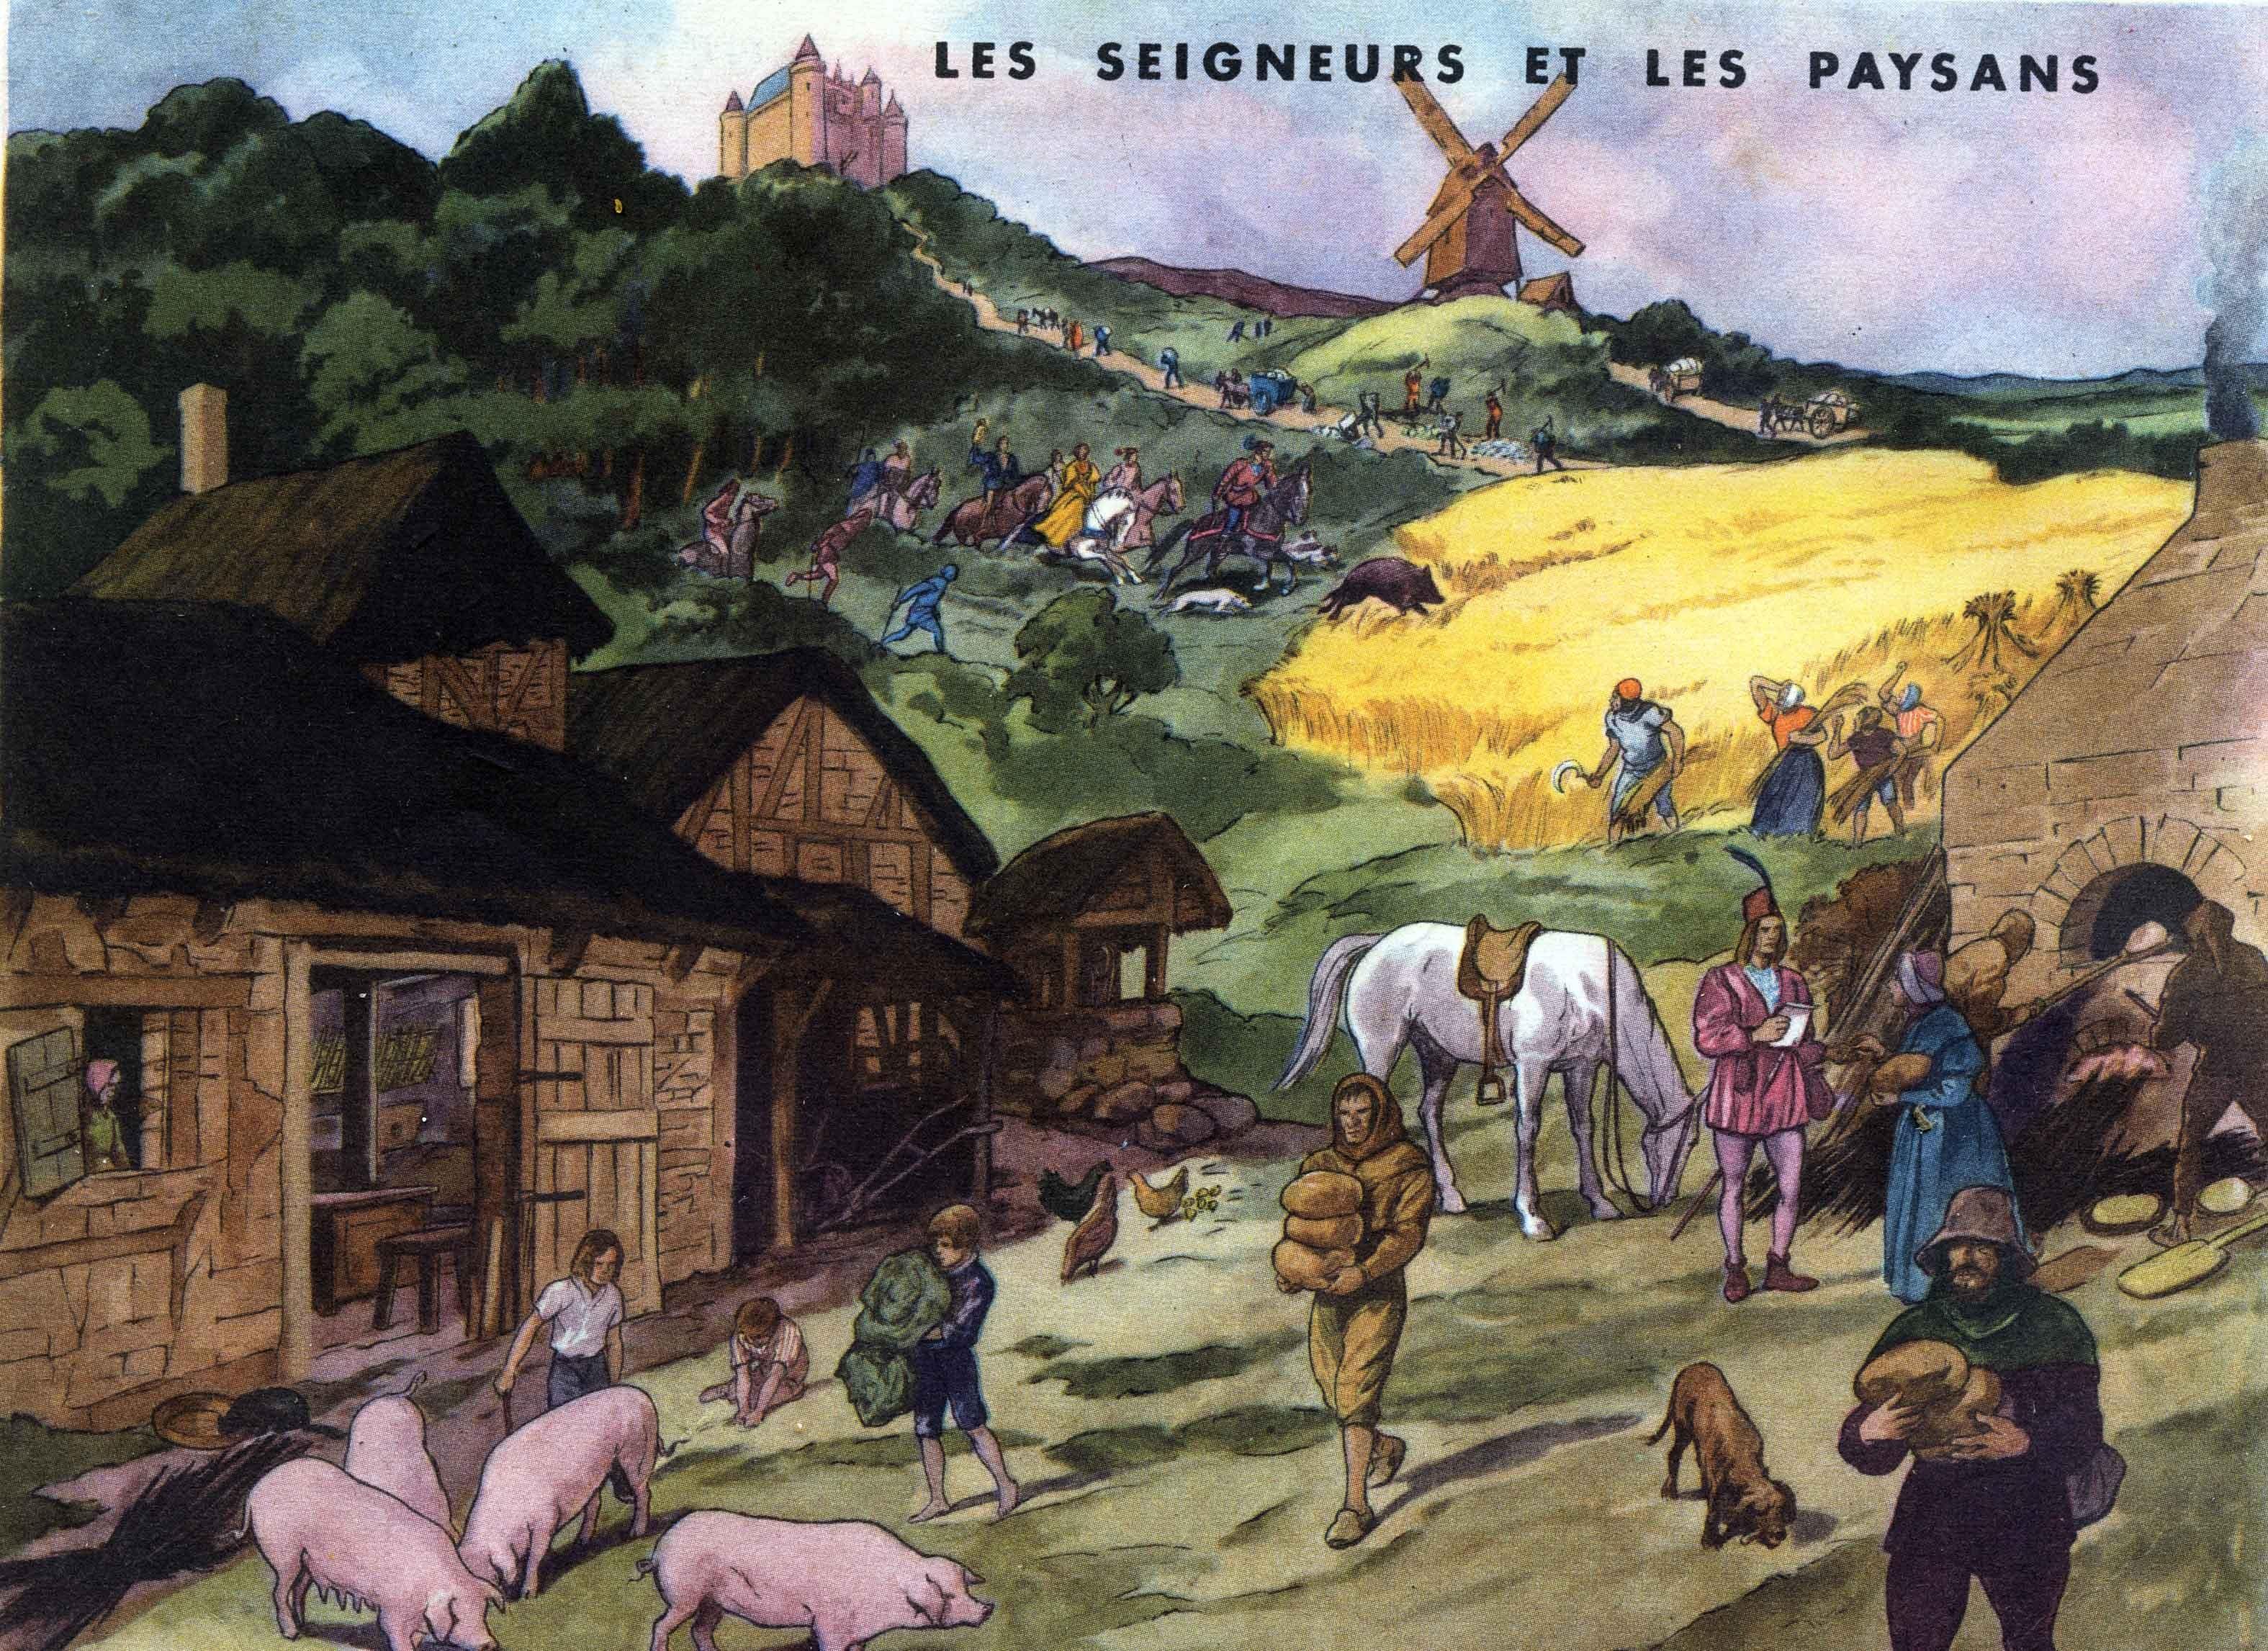 14 les seigneurs et paysans